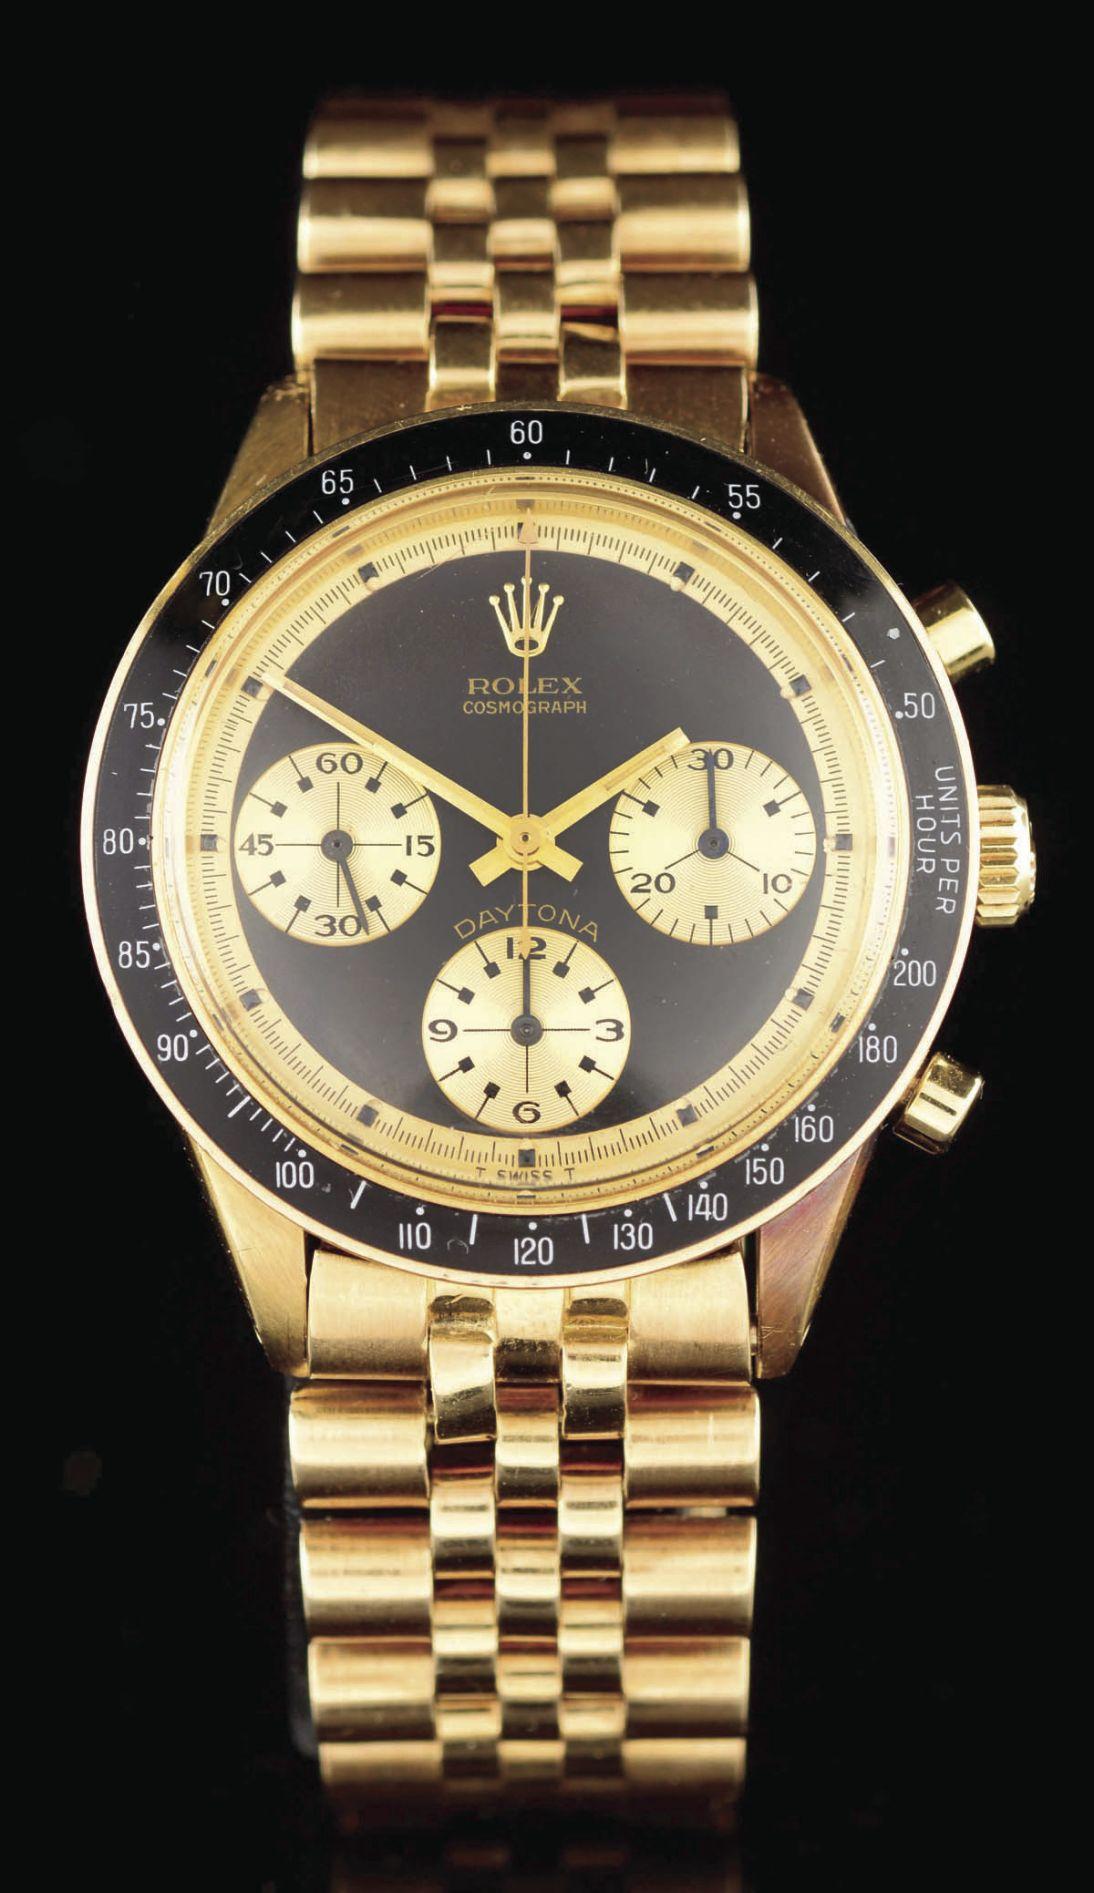 Rolex Paul Newman watch.jpg